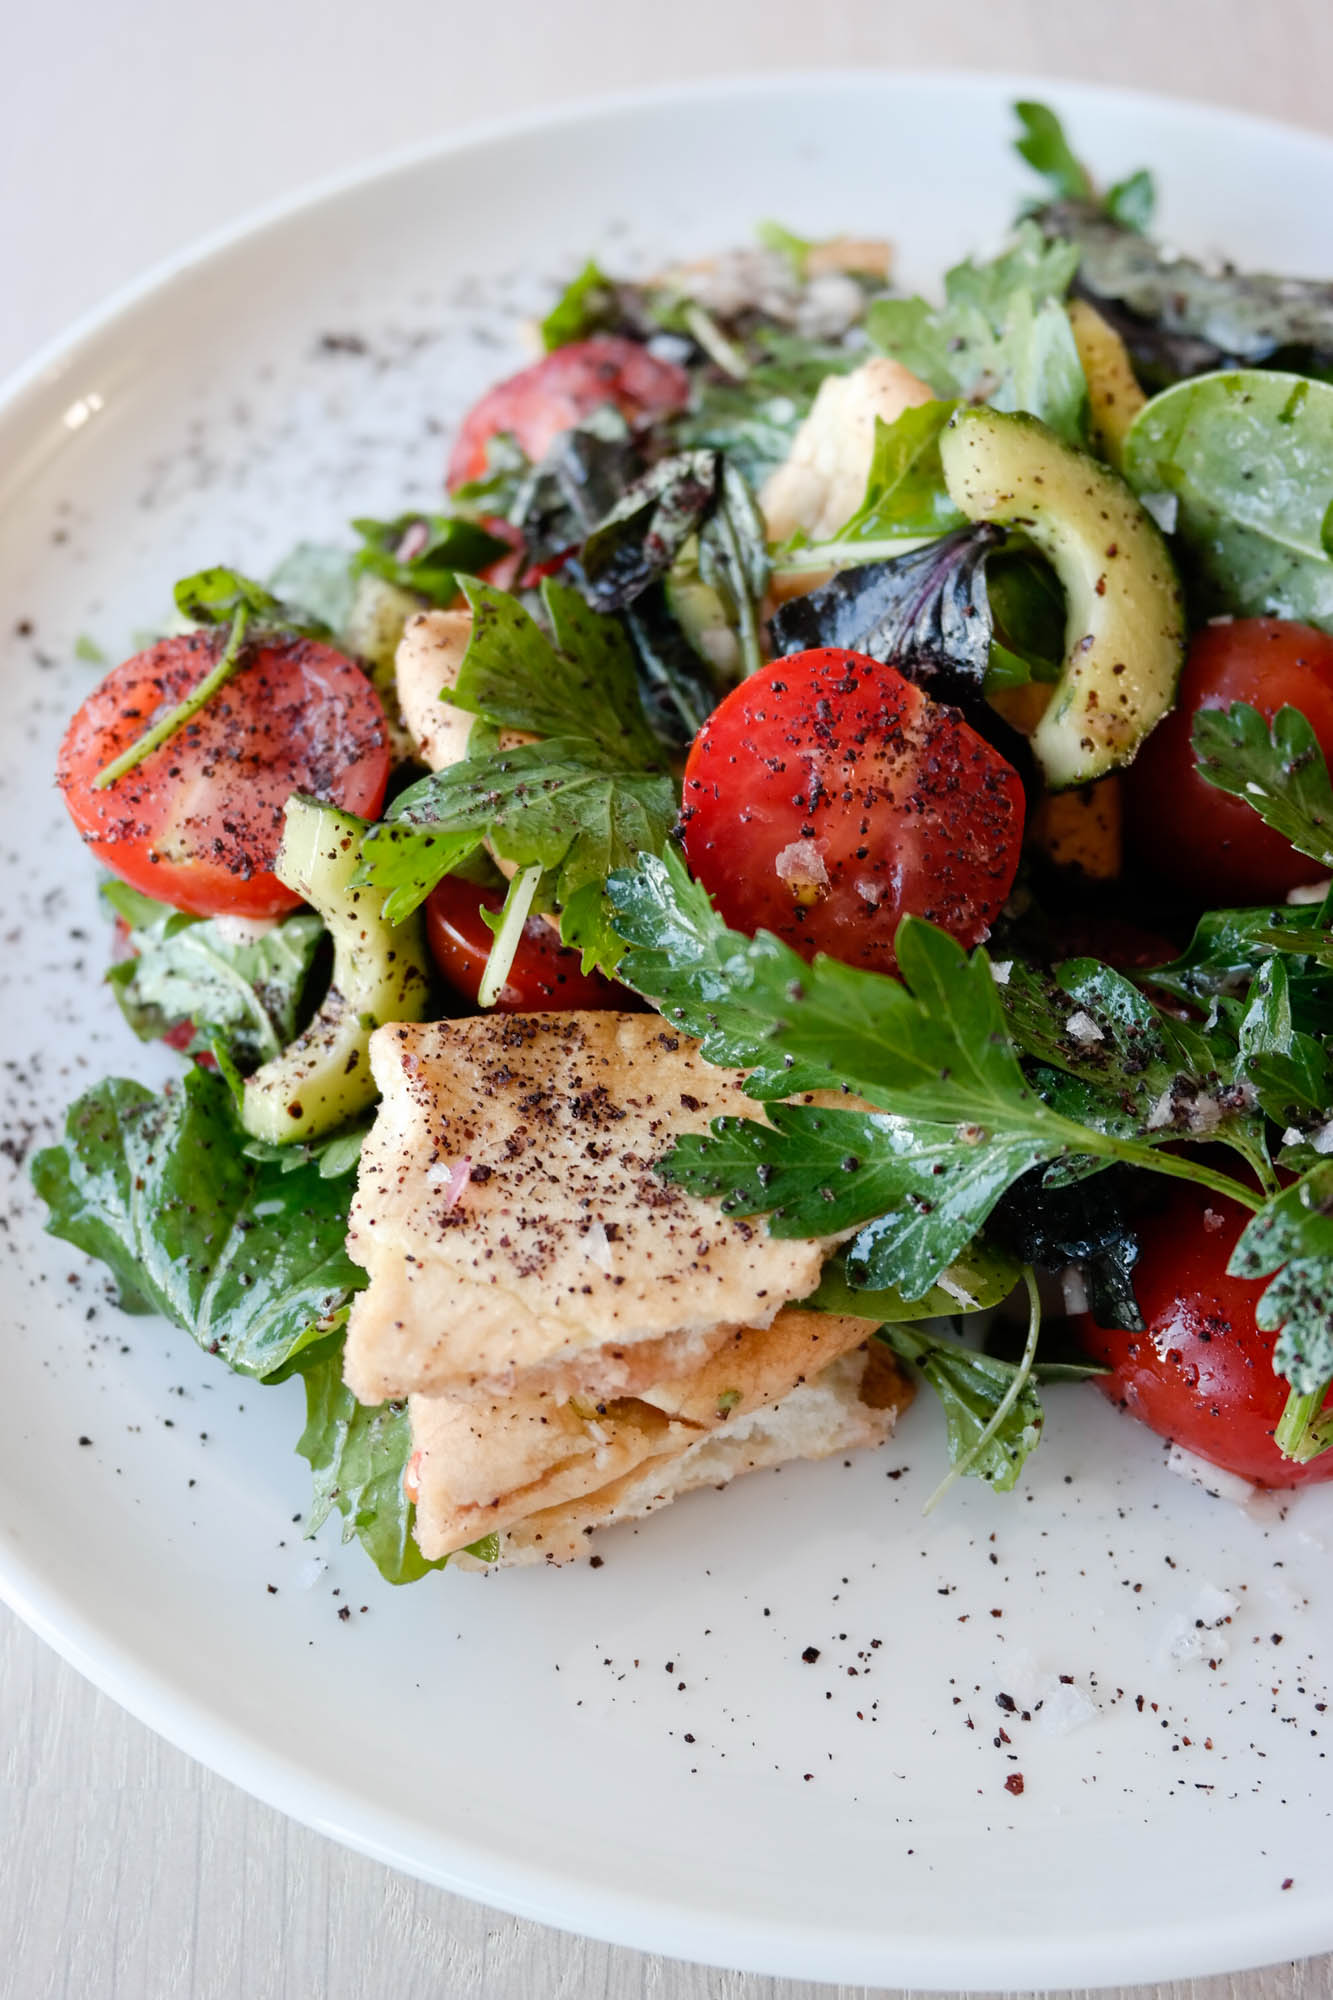 Fattoush, levantinsk brødsalat, er en perfekt salat til lunsj eller middag. Vegansk er den og!